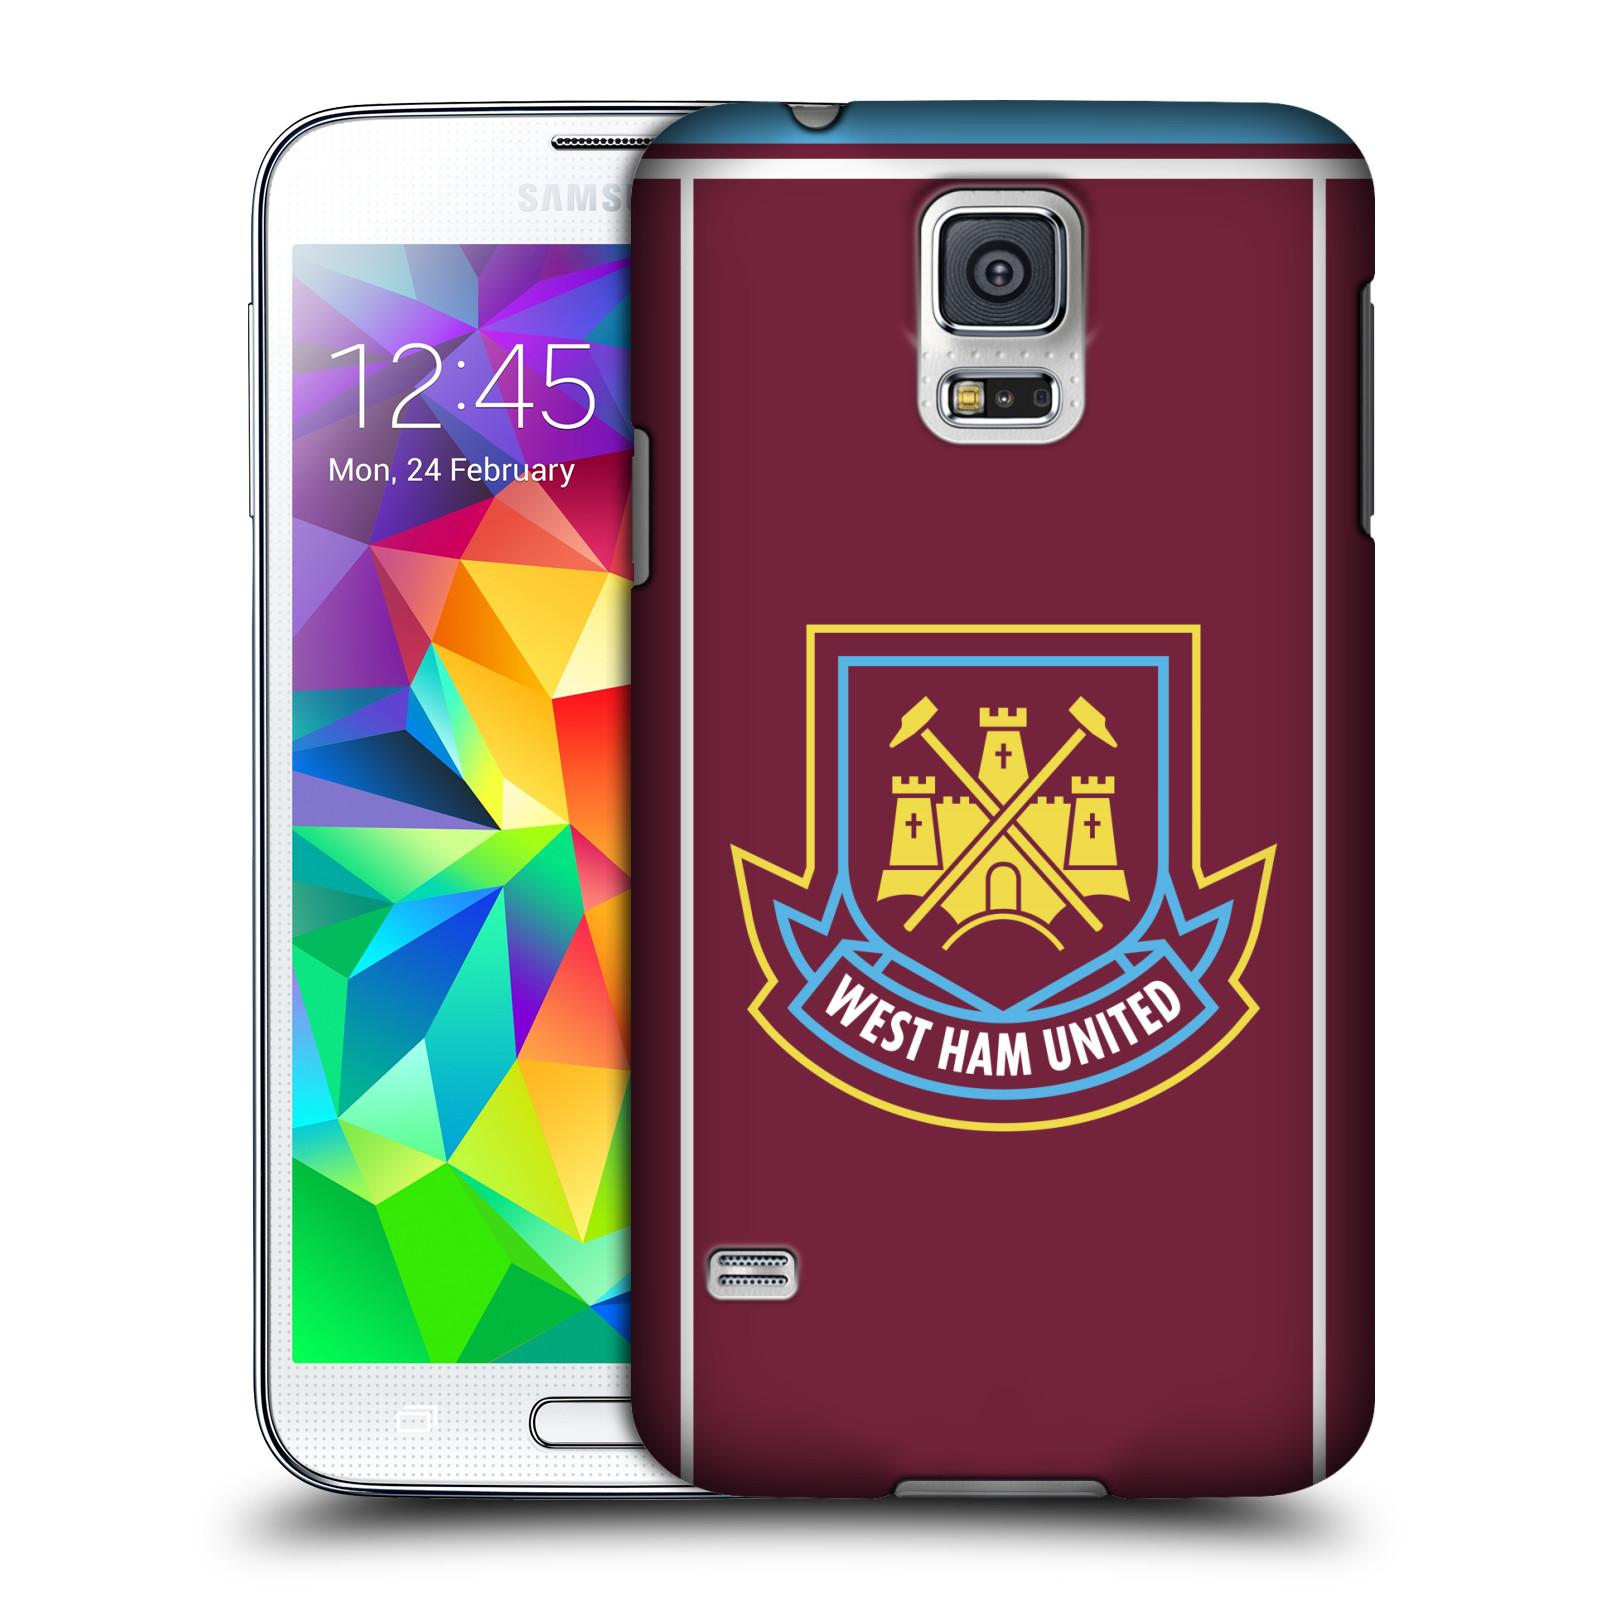 Plastové pouzdro na mobil Samsung Galaxy S5 - Head Case - West Ham United - Retro znak (Plastový kryt či obal na mobilní telefon s motivem West Ham United - Kladiváři - Retro znak pro Samsung Galaxy S5 SM-G900F)